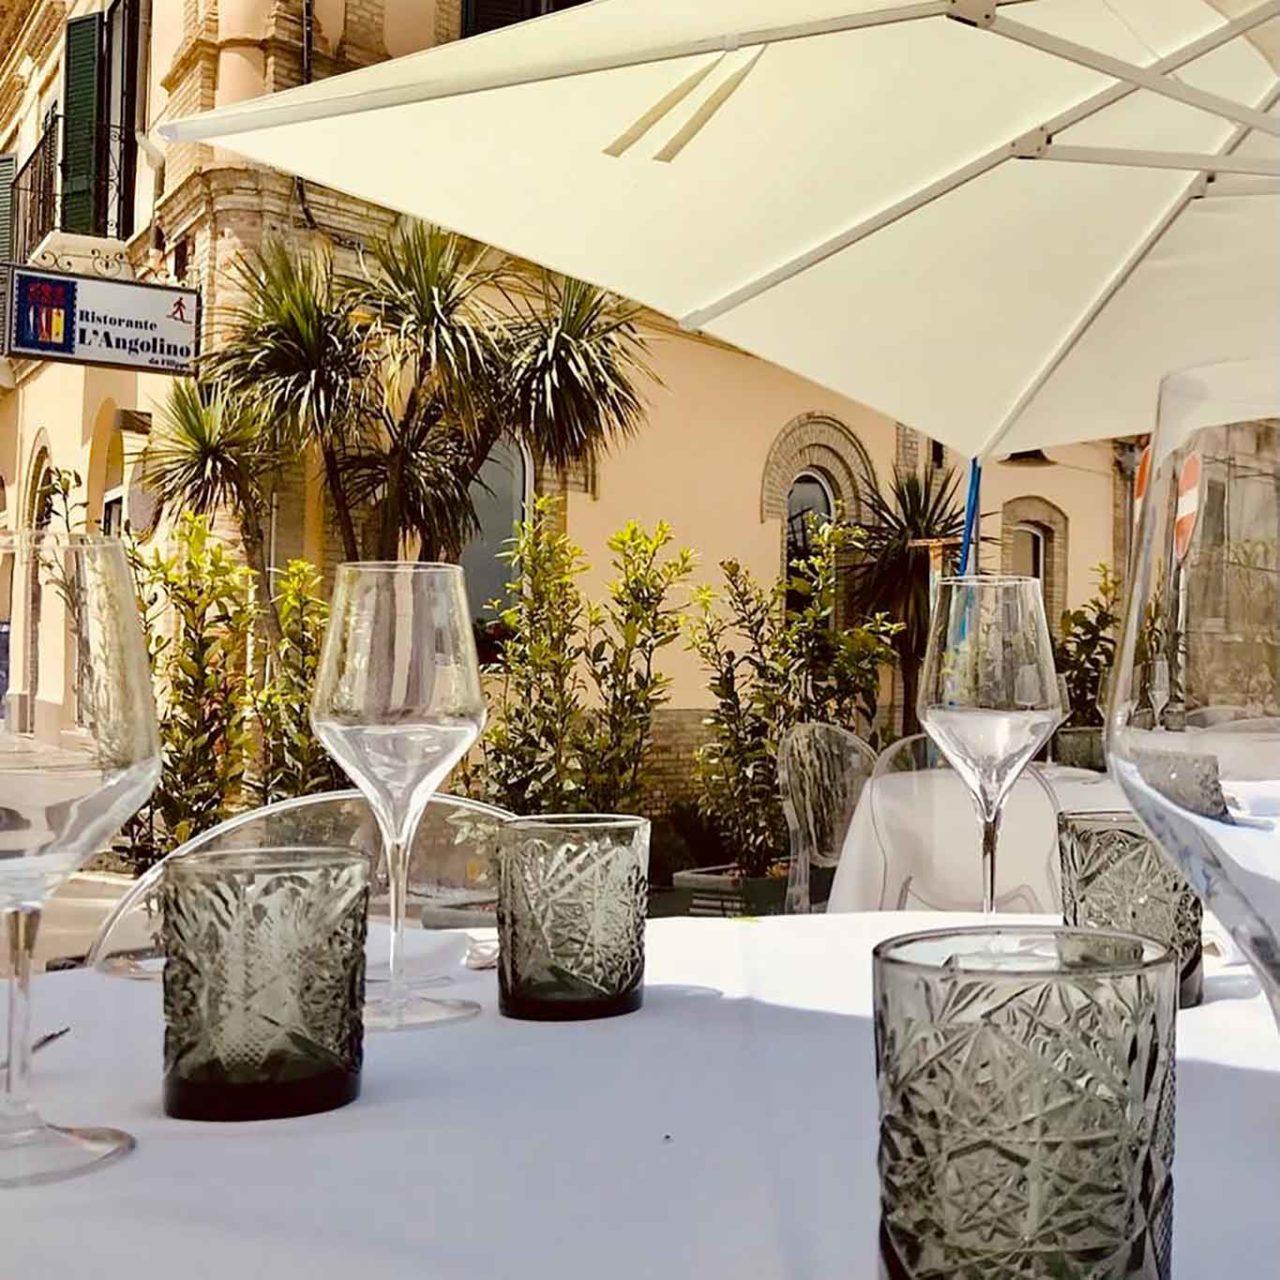 ristoranti di pesce sul mare in Abruzzo: L'Angolino